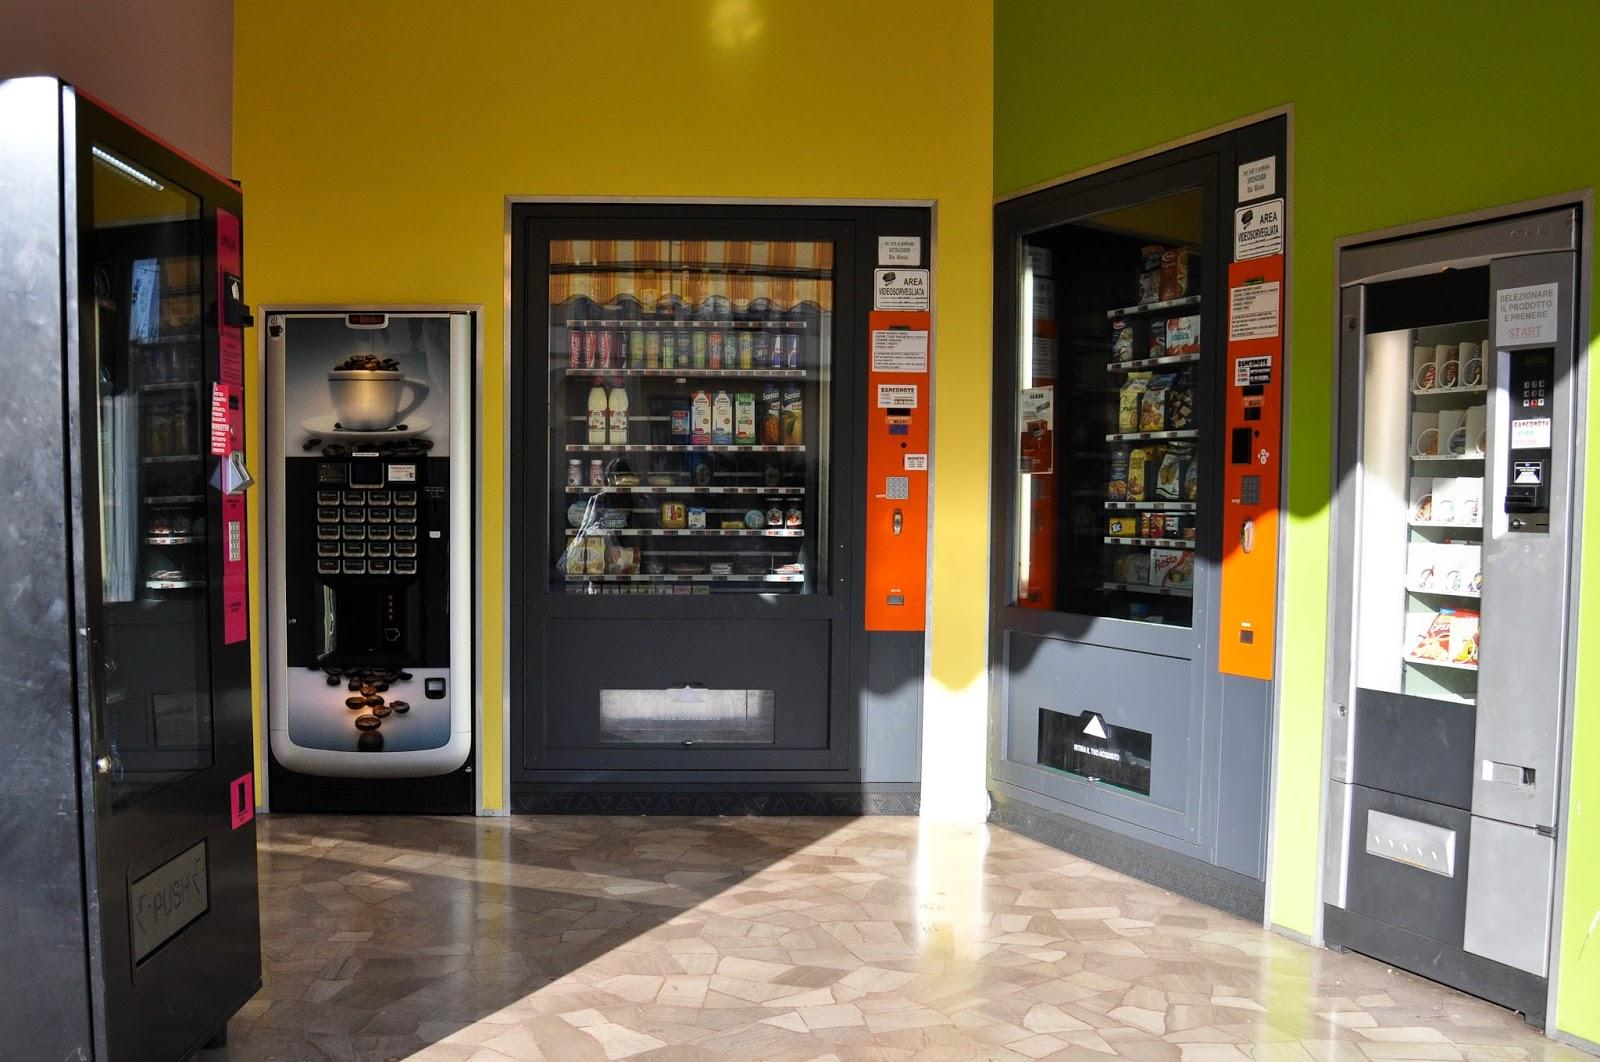 Automated shop, Vicenza, Veneto, Italy